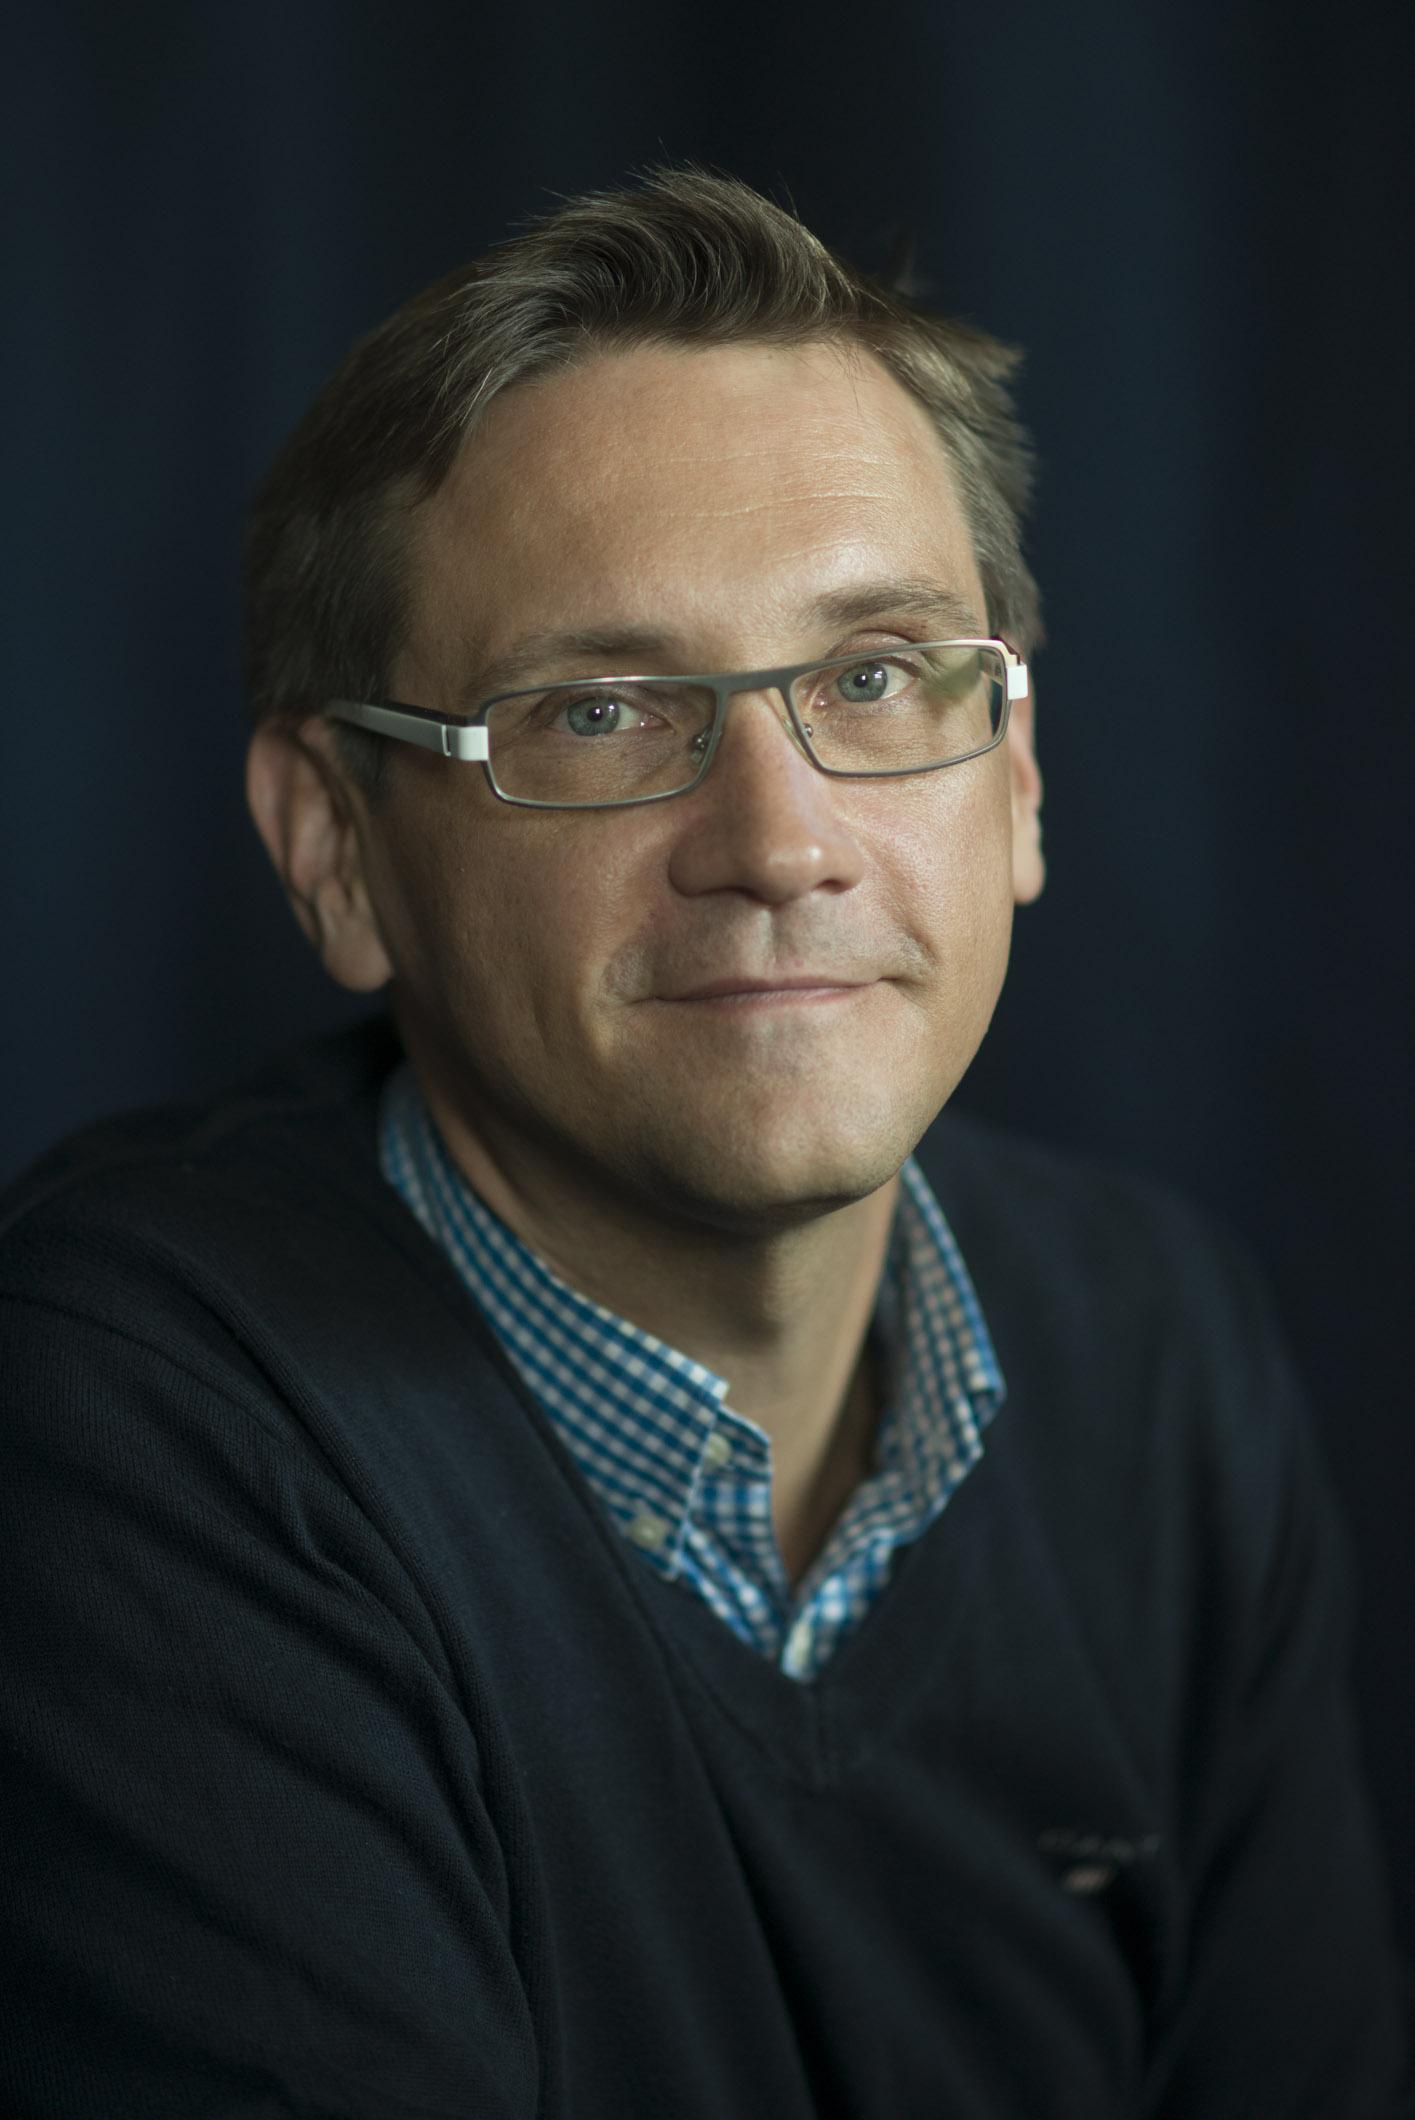 Jari Marko Lahti